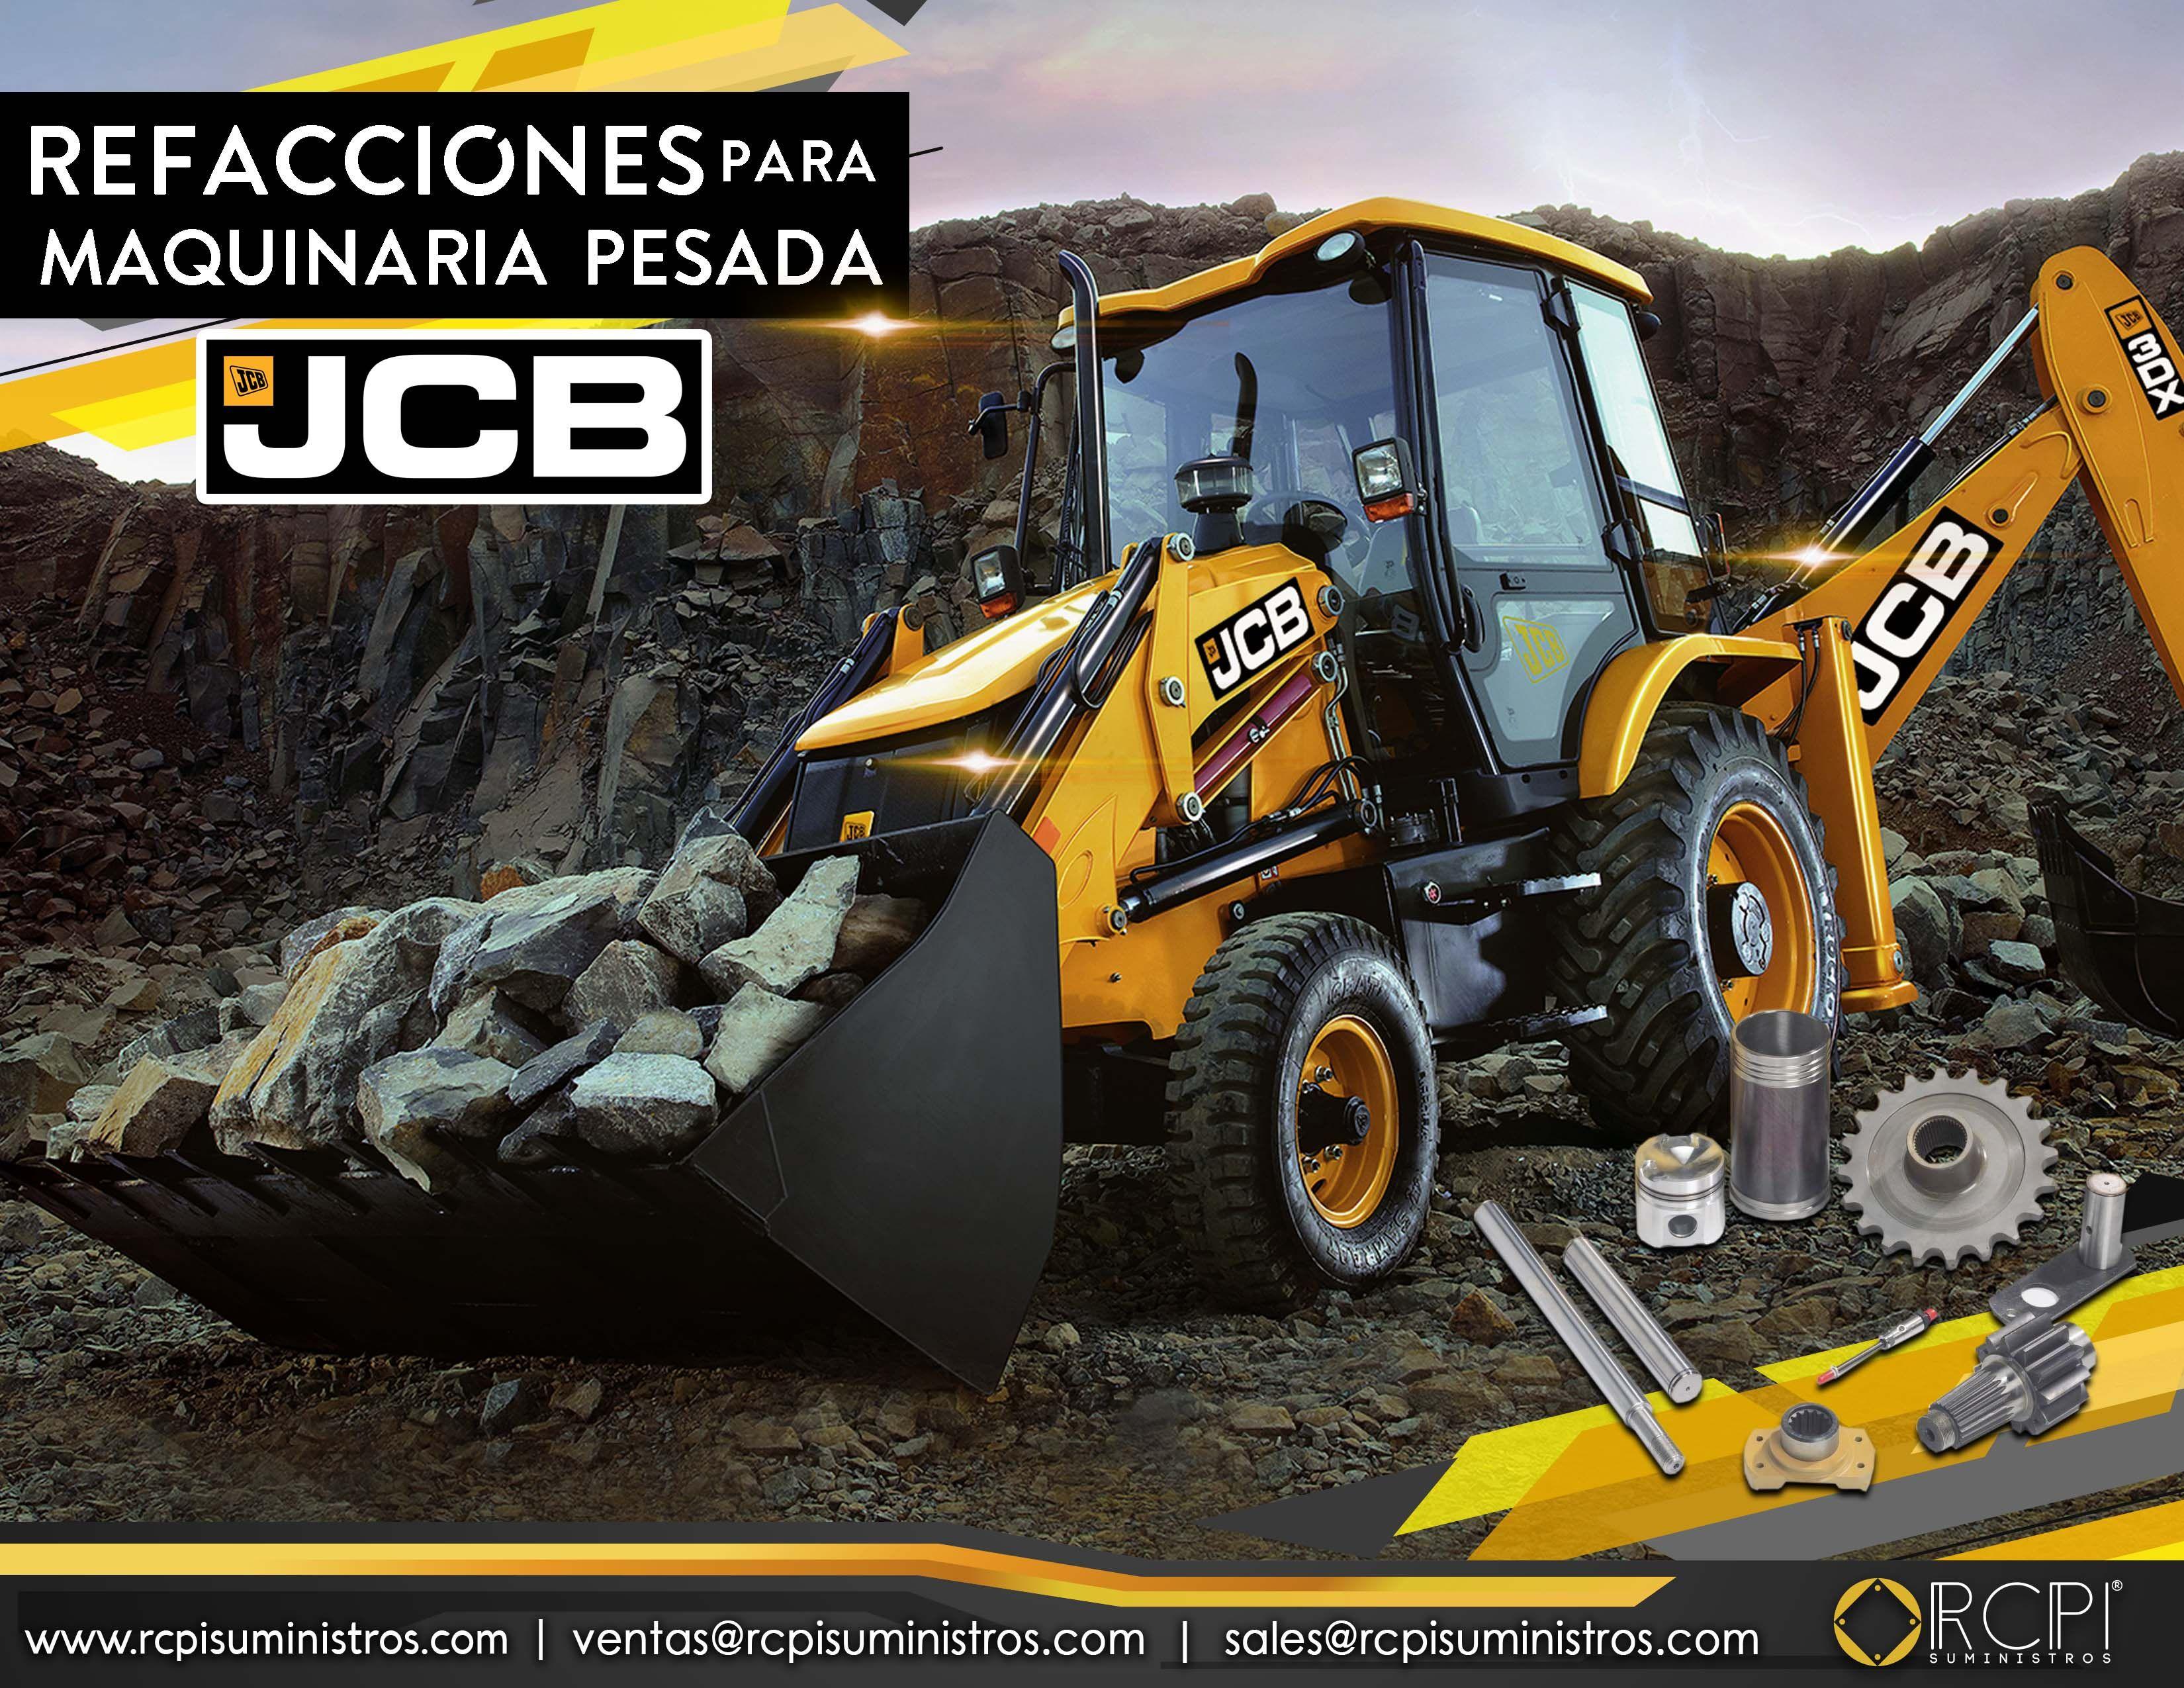 Venta Repuestos Para Equipo De Construccion Jcb Maquinaria Jcb Retroexcavadora Parts Repuestos Gruas Industriales Refacciones Maquinaria De Construccion